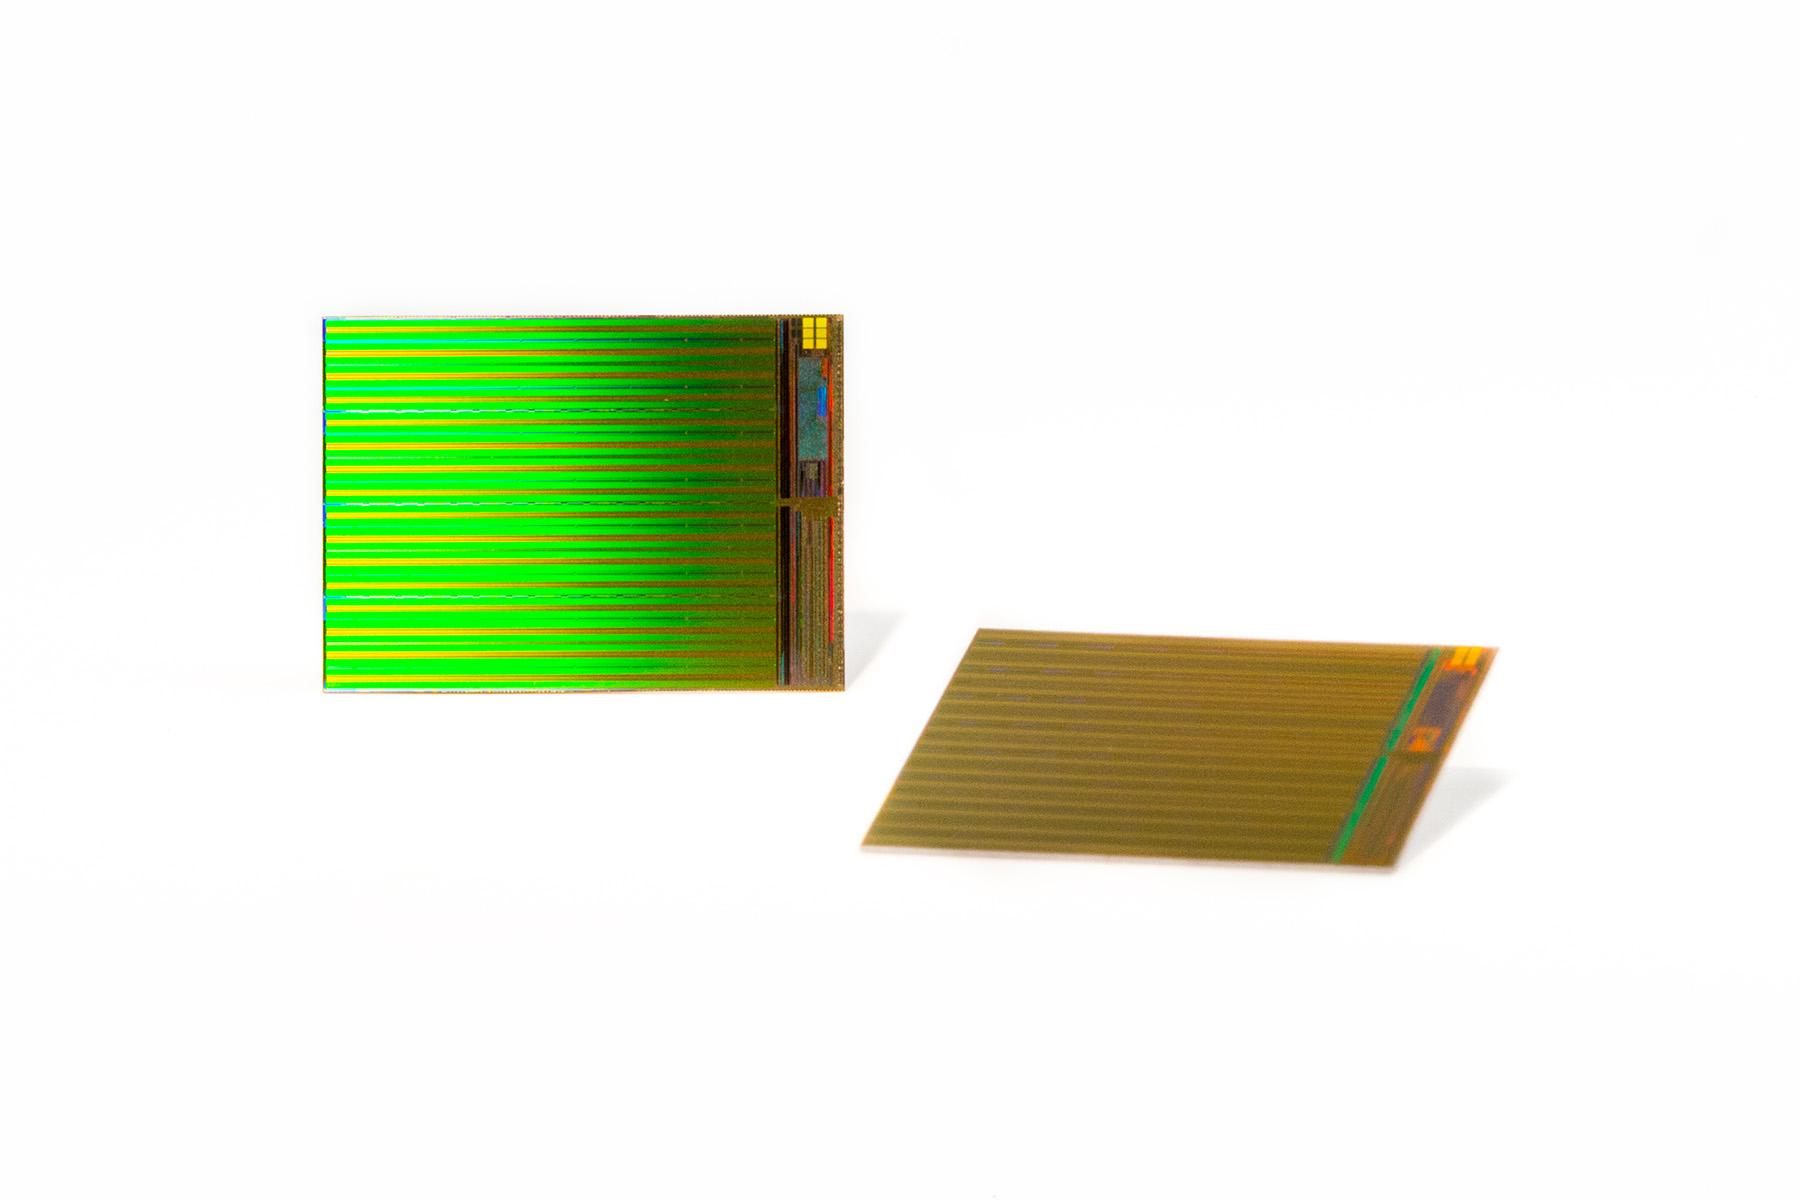 3D_NAND_Die.jpg